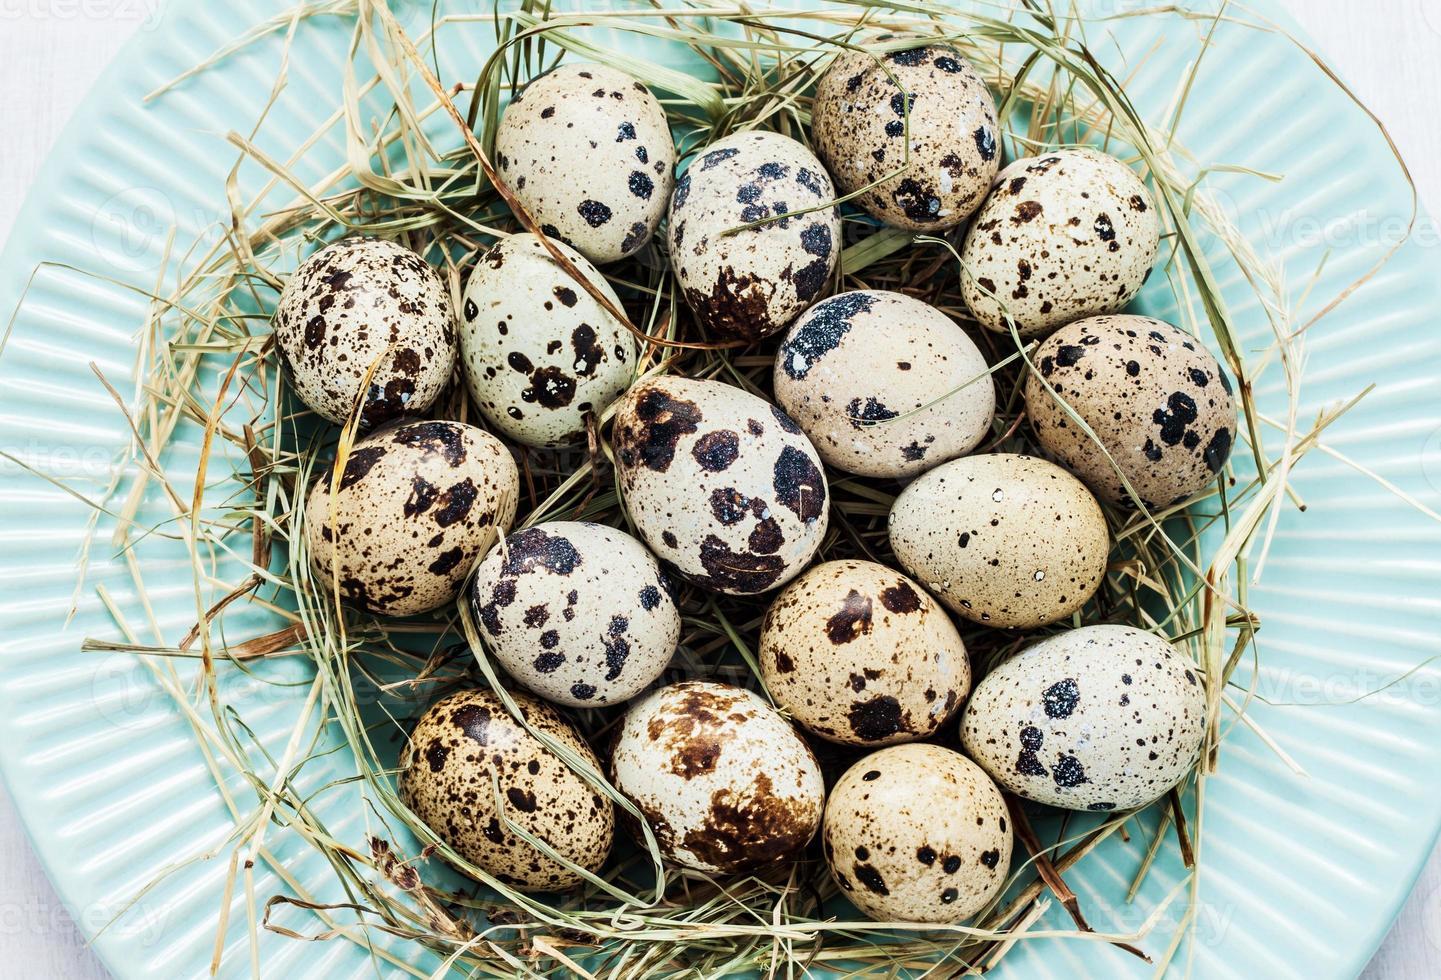 pasqua - uova di quaglia con fieno sul piatto blu pastello foto